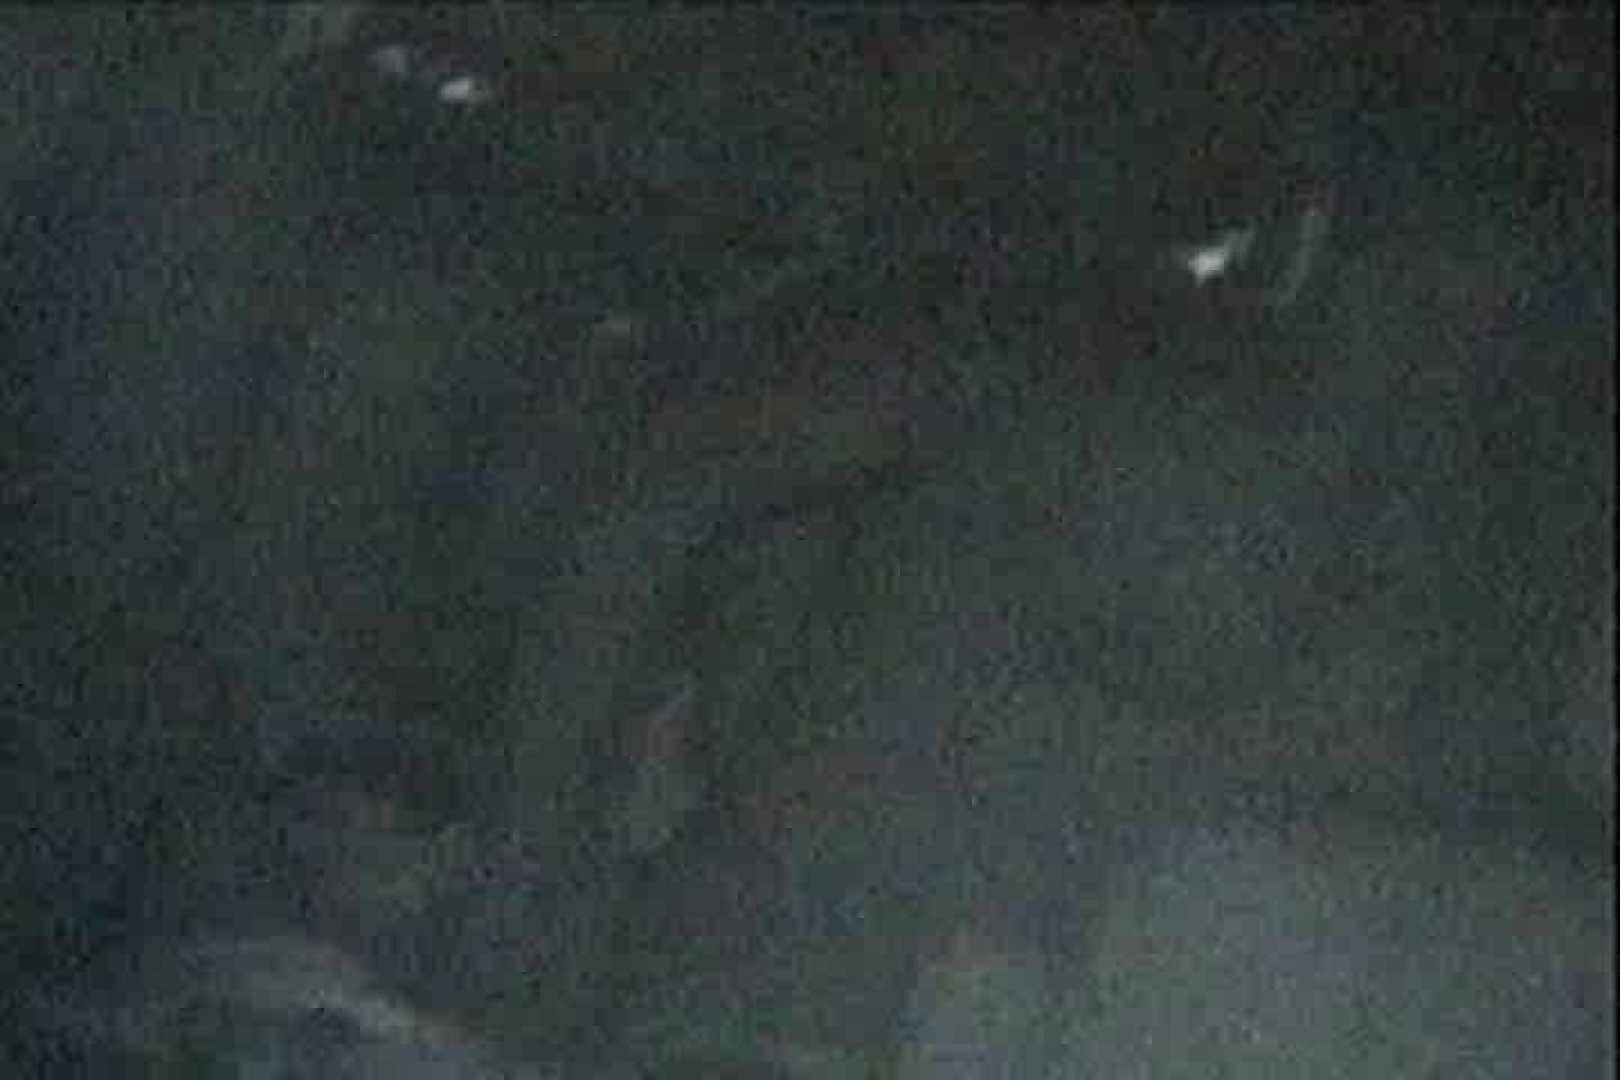 充血監督の深夜の運動会Vol.39 カップル | 美しいOLの裸体  89pic 5